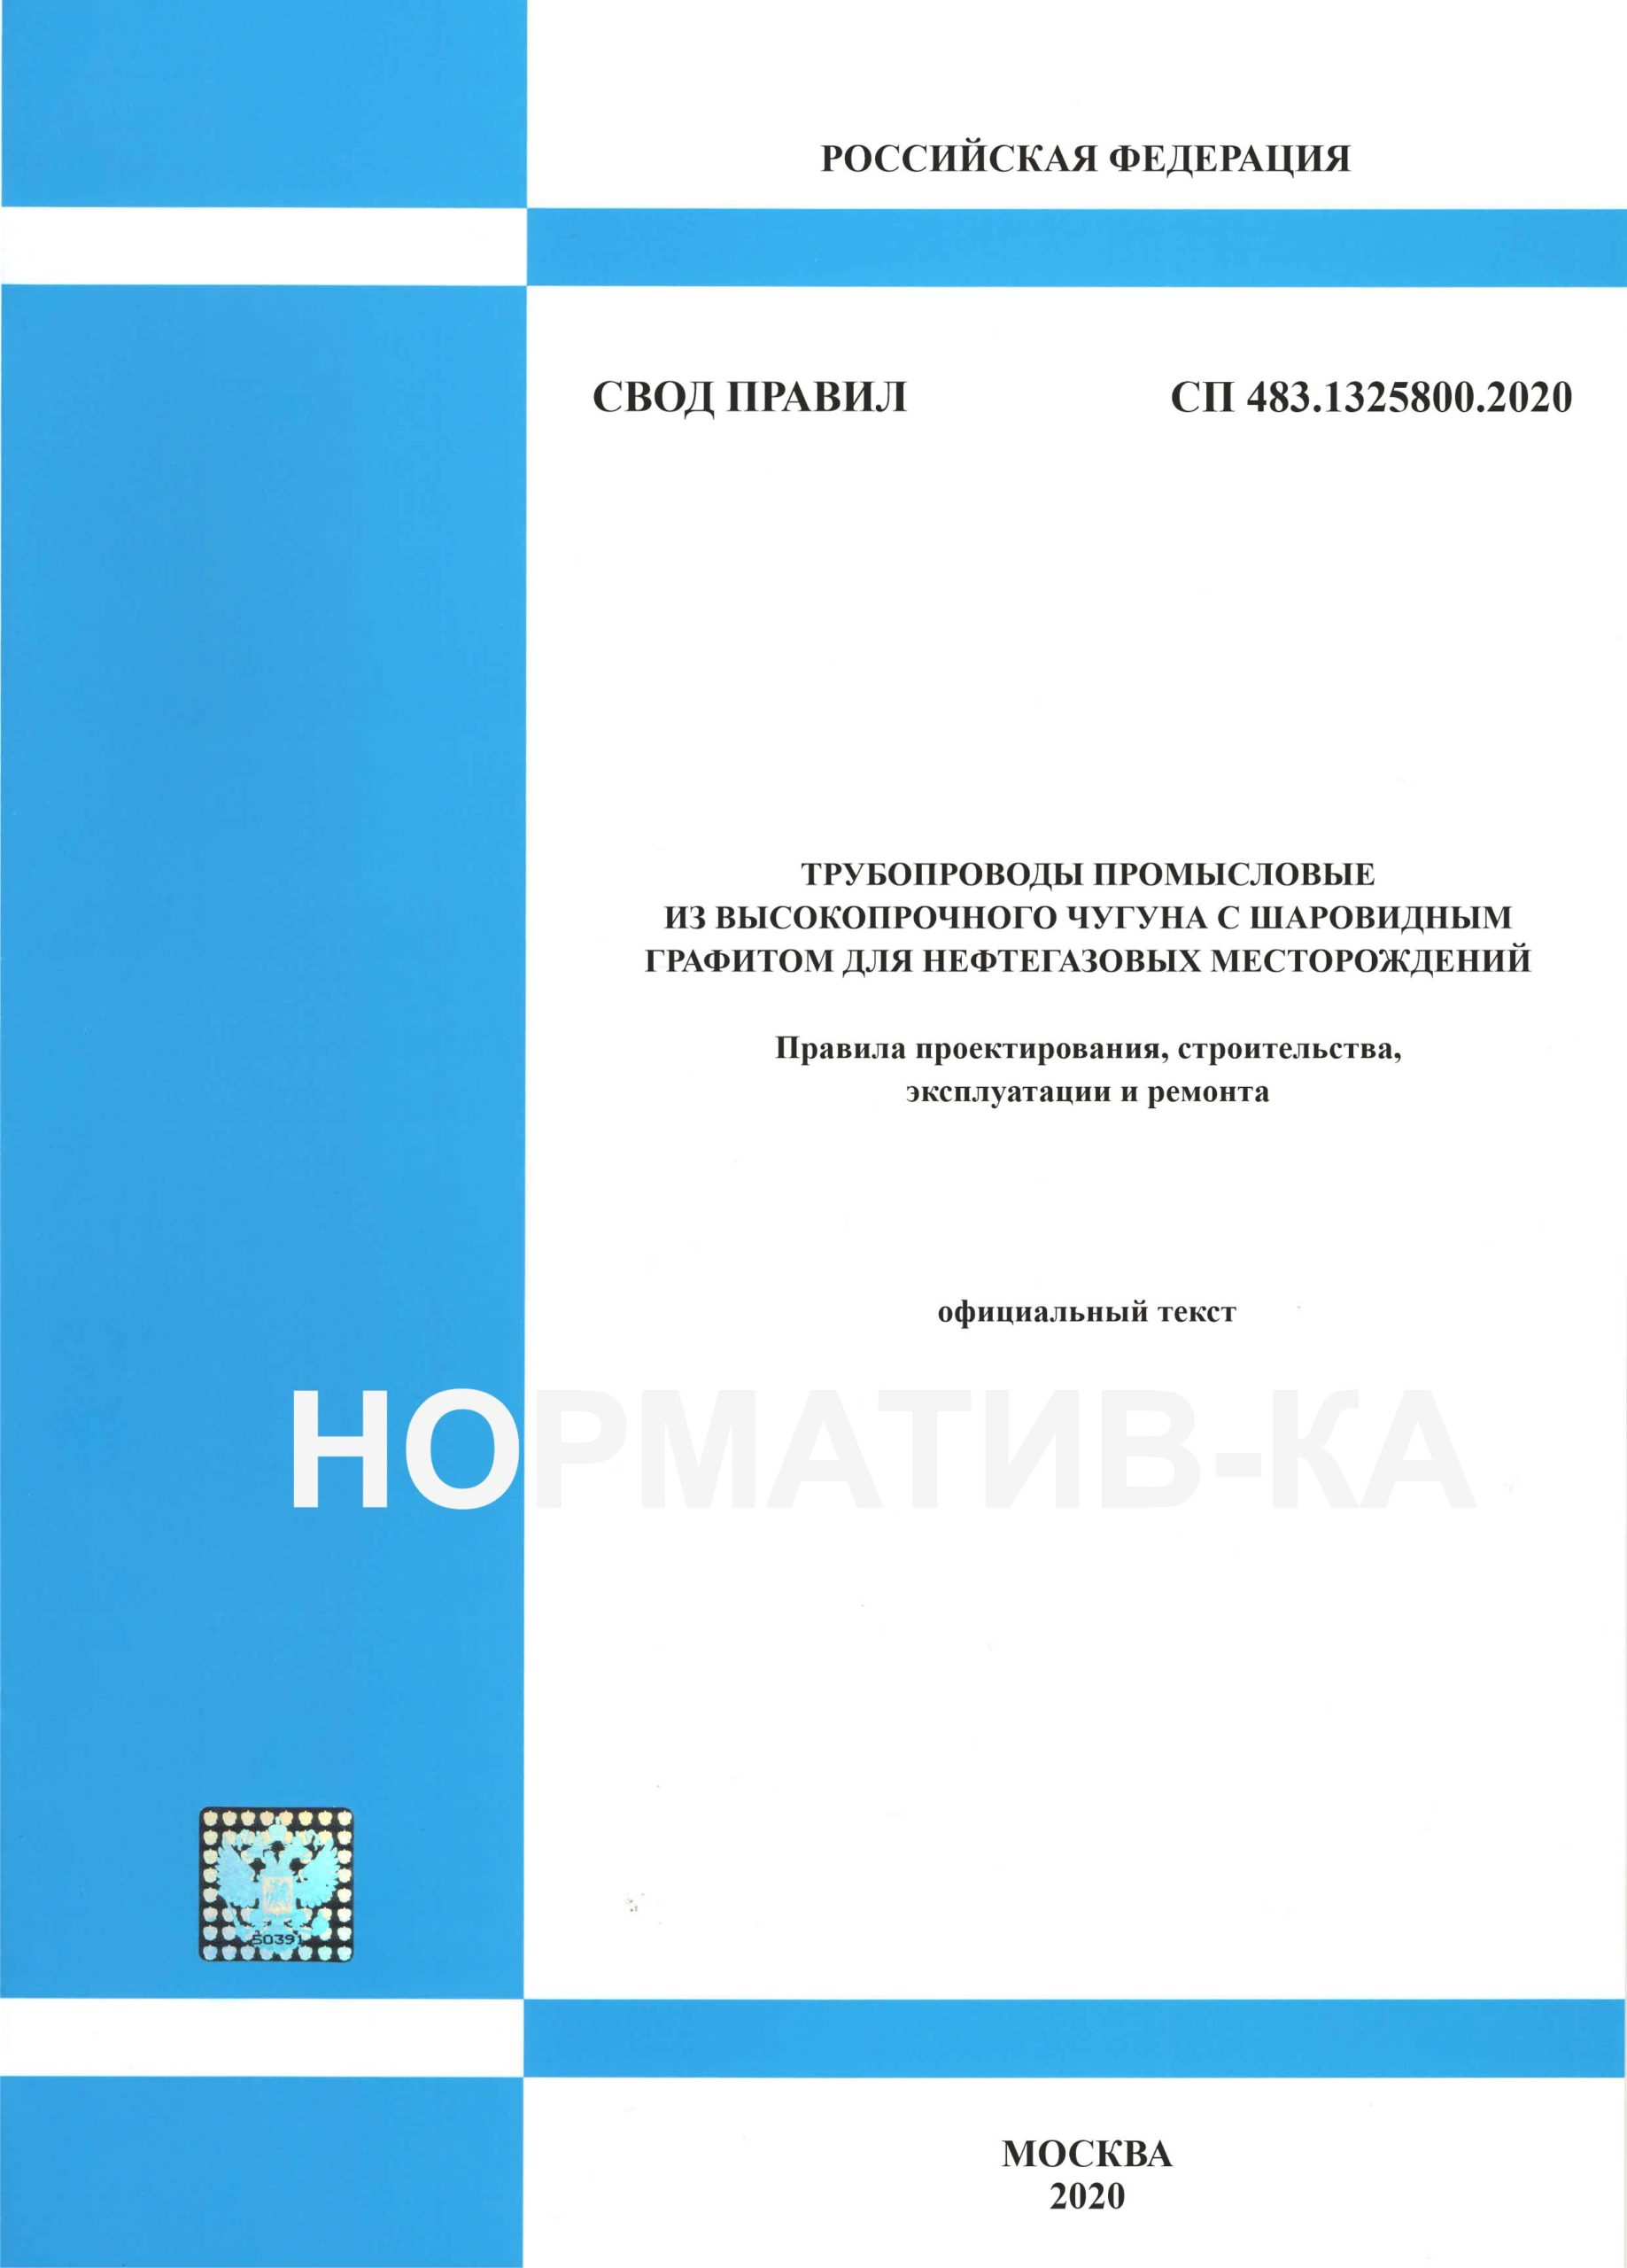 СП 483.1325800.2020